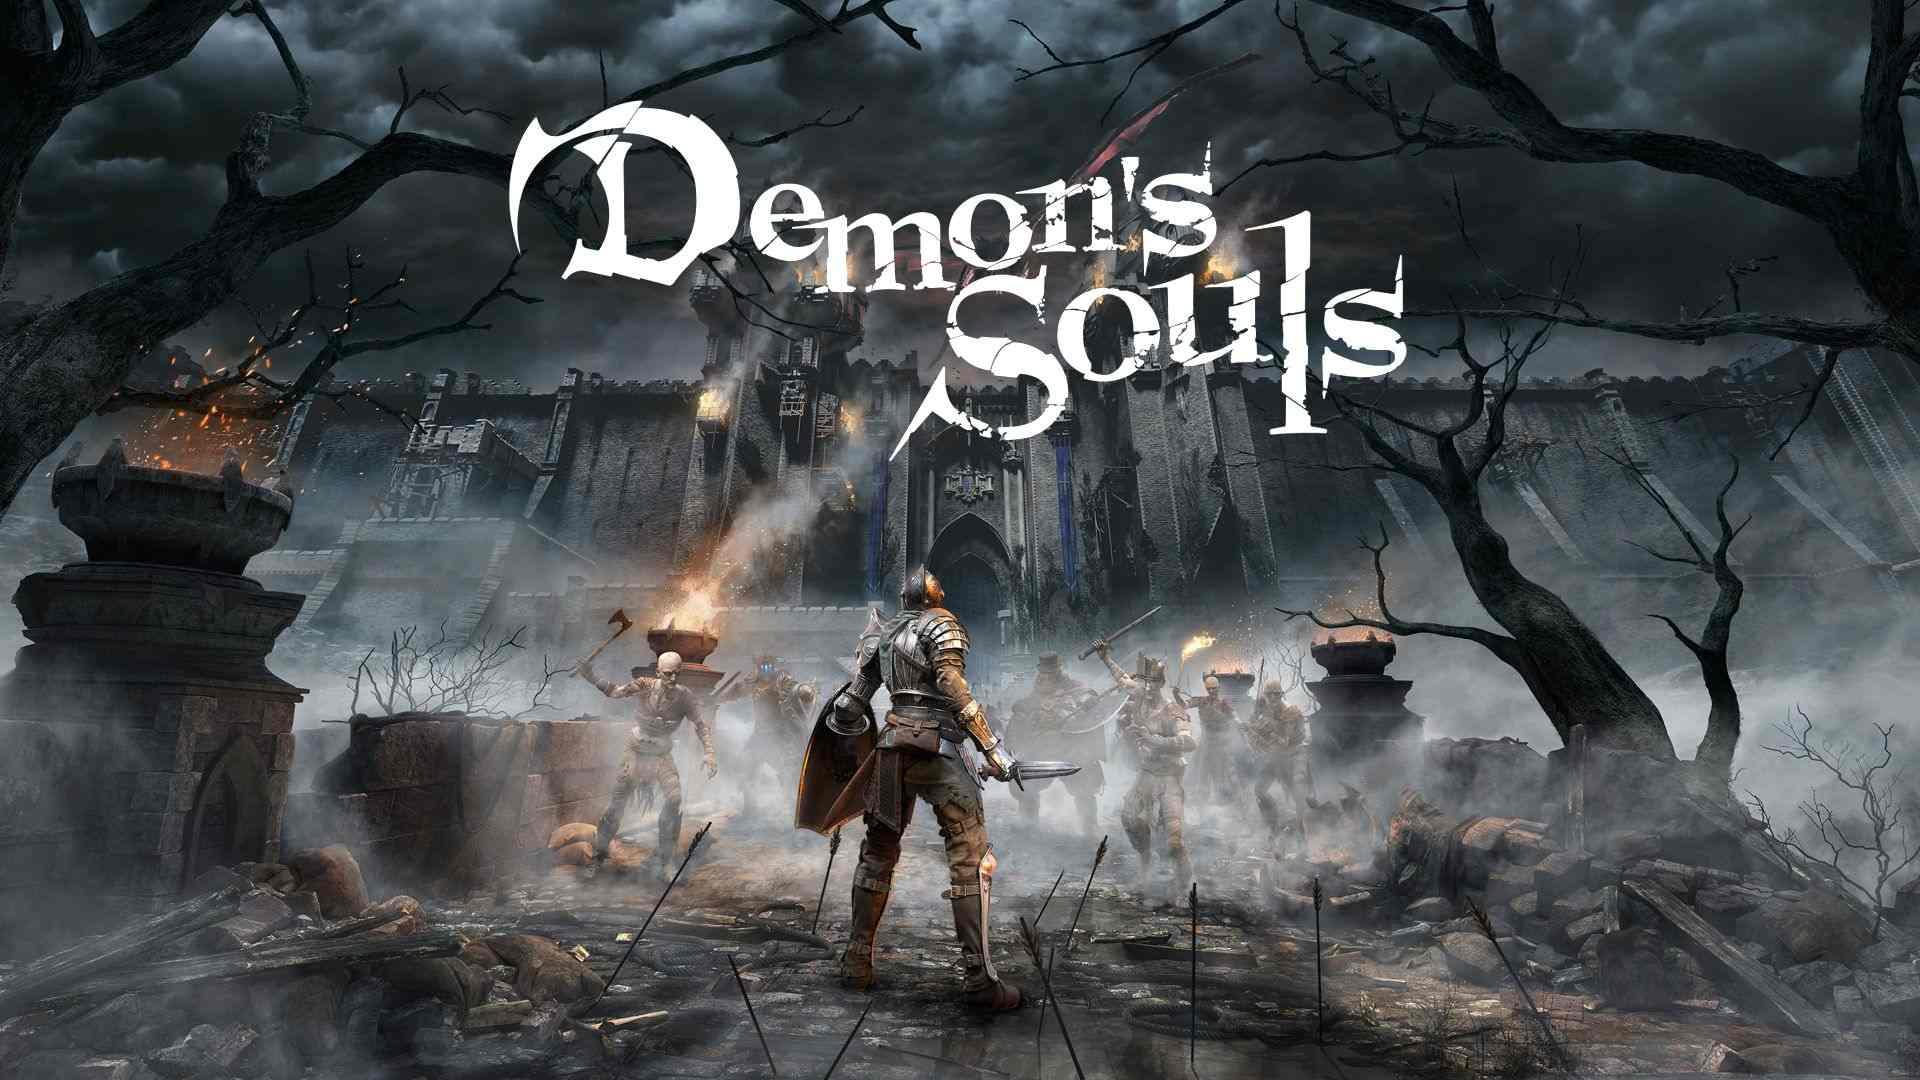 گیم فکت؛ رازها و نکات مخفی بازی Demon's Souls Remake